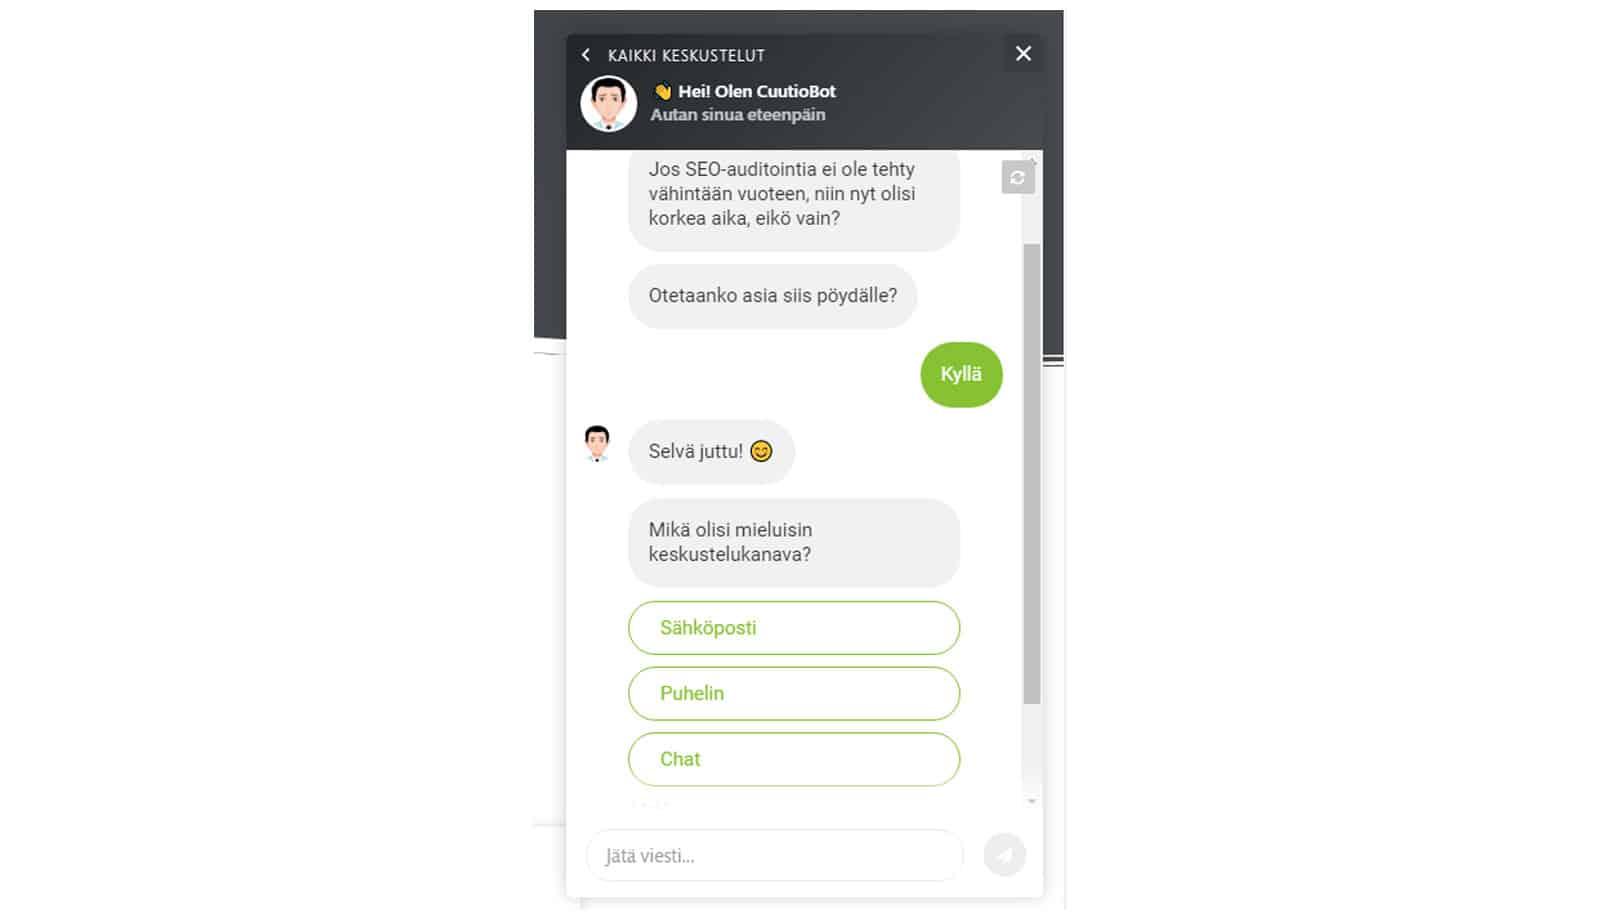 Chatbotissa voi valita keskustelukanavan